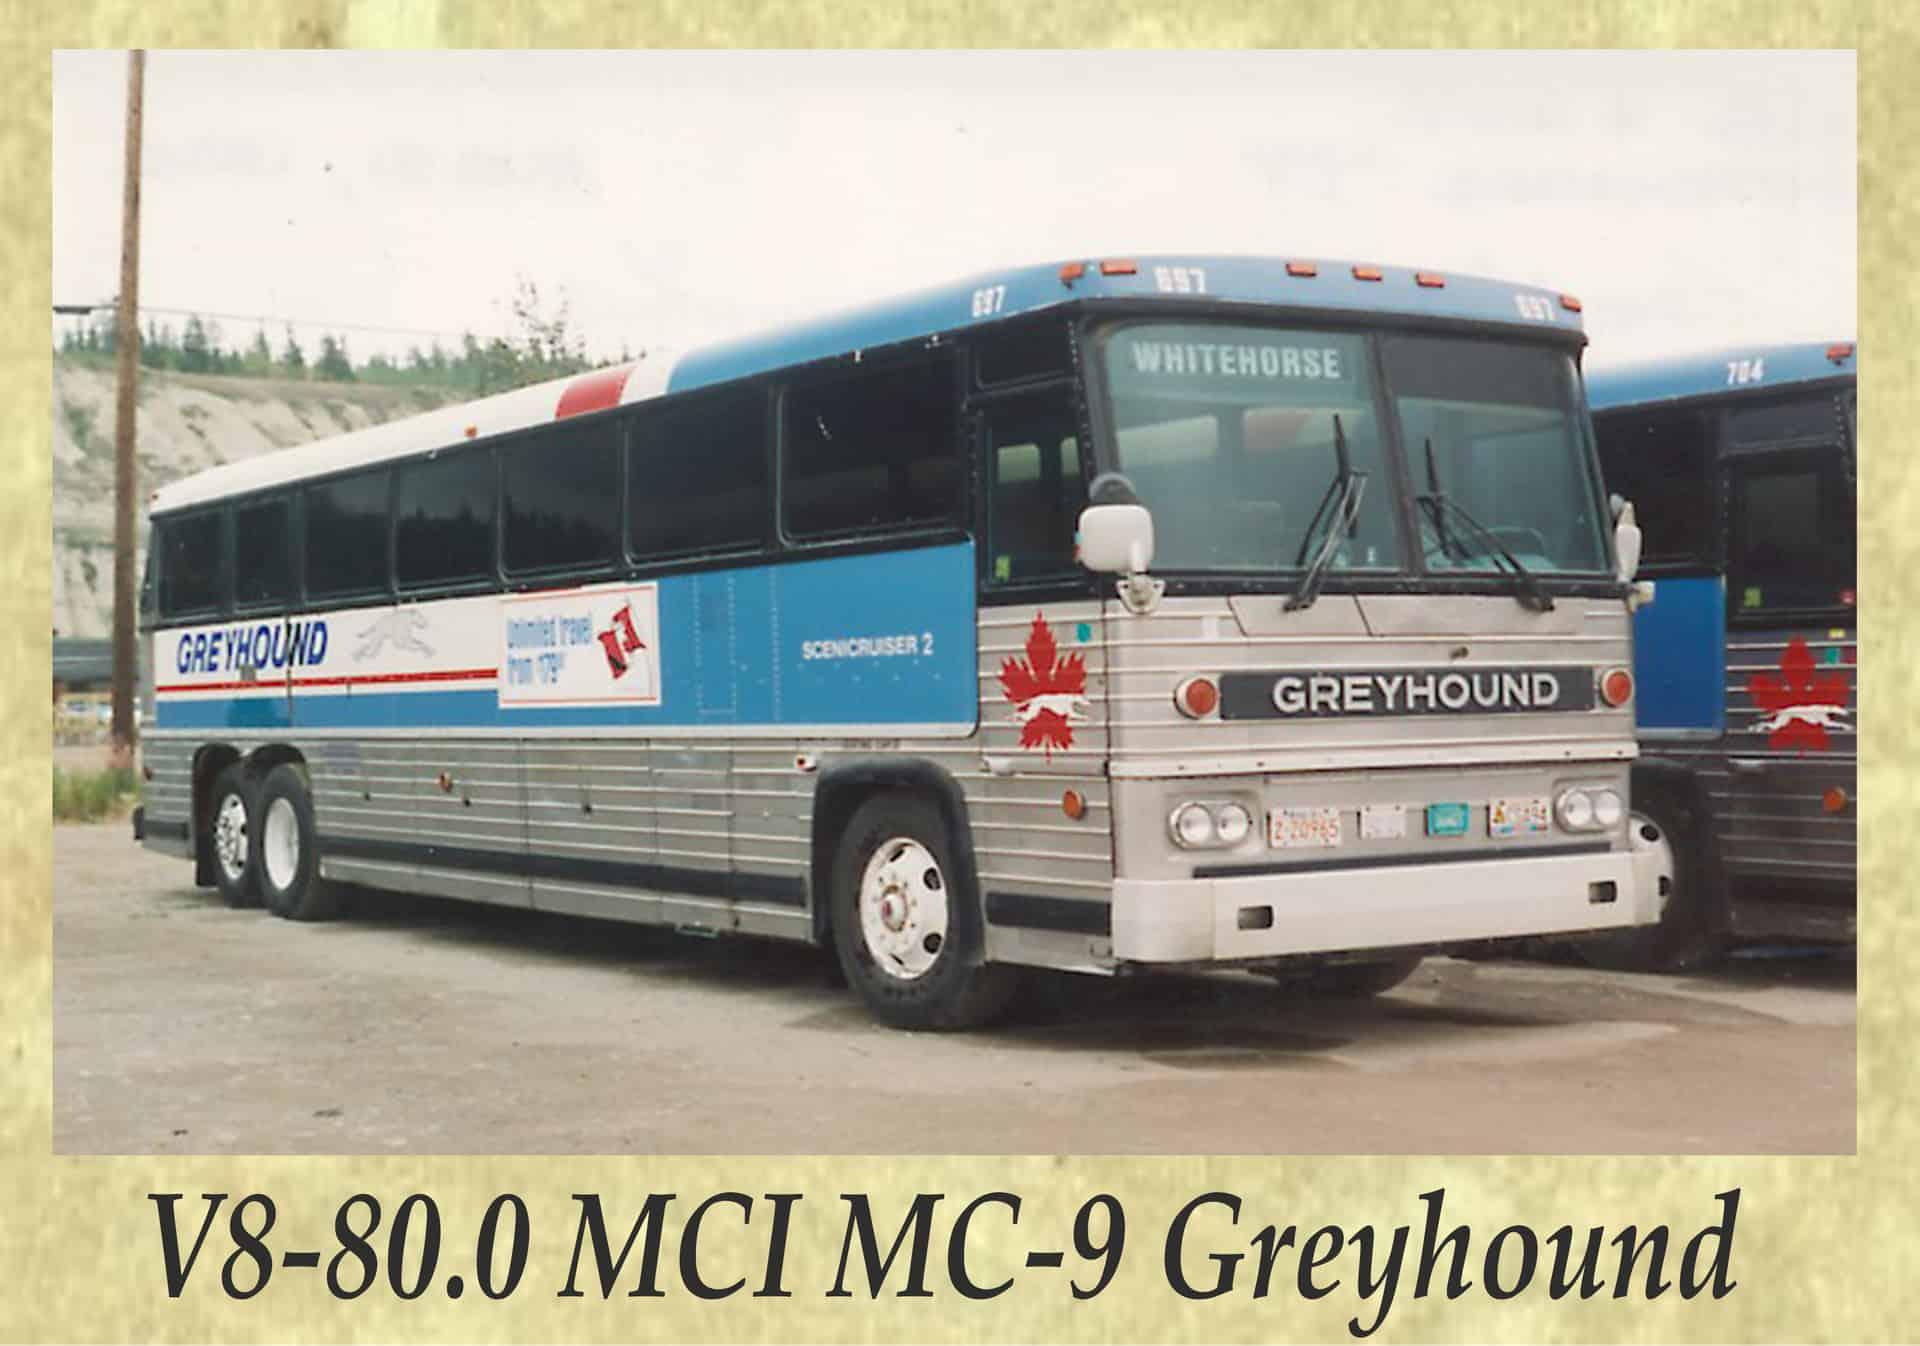 V8-80.0 MCI MC-9 Greyhound